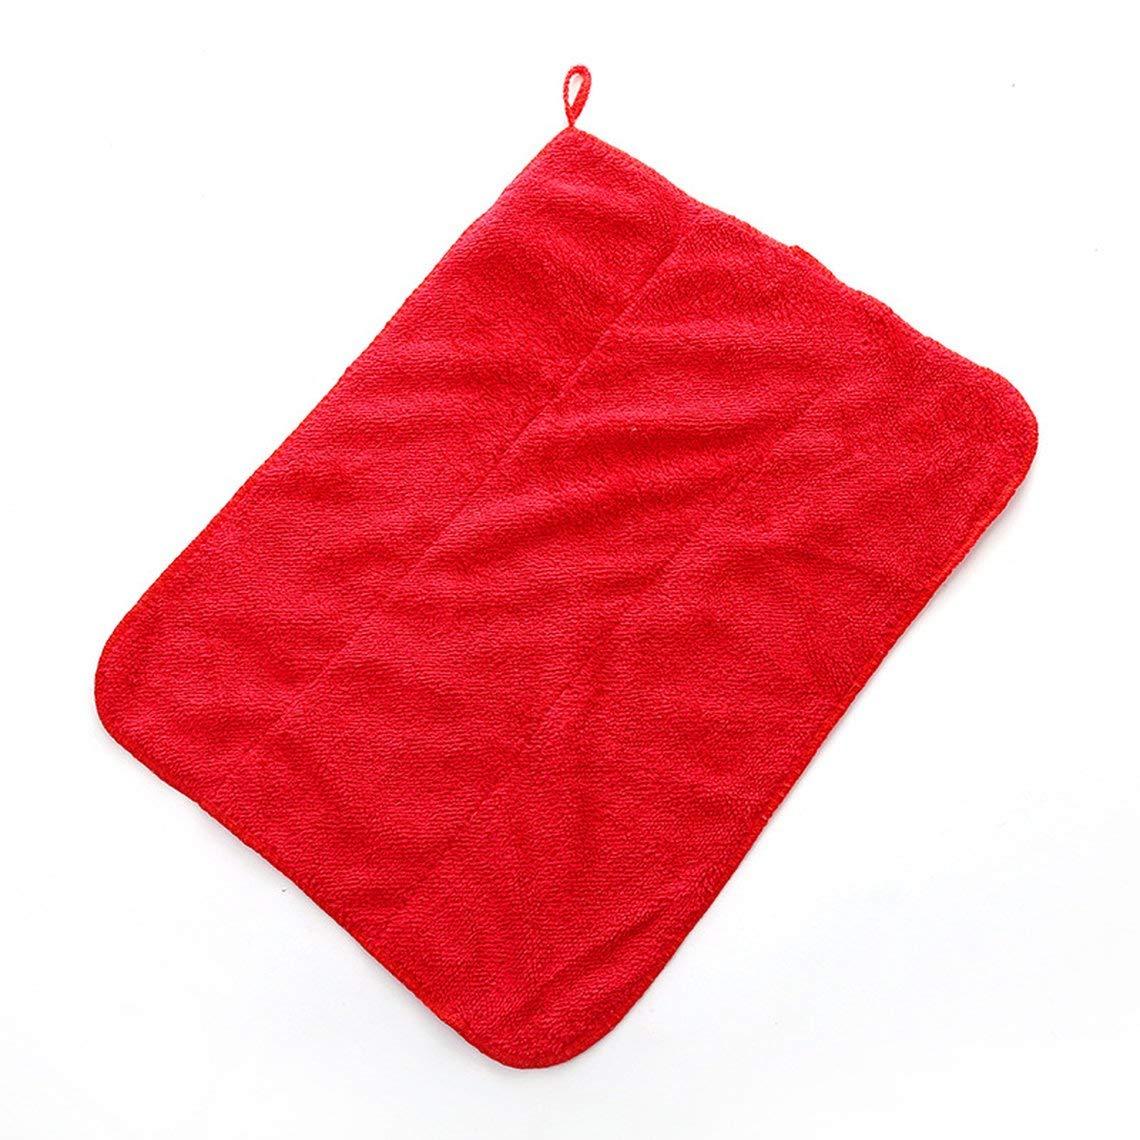 Momorain /Épais double couche corail velours chiffon absorbant non pelucheux tampon /à r/écurer chiffon dessuyage voiture chiffon de nettoyage pour cuisine